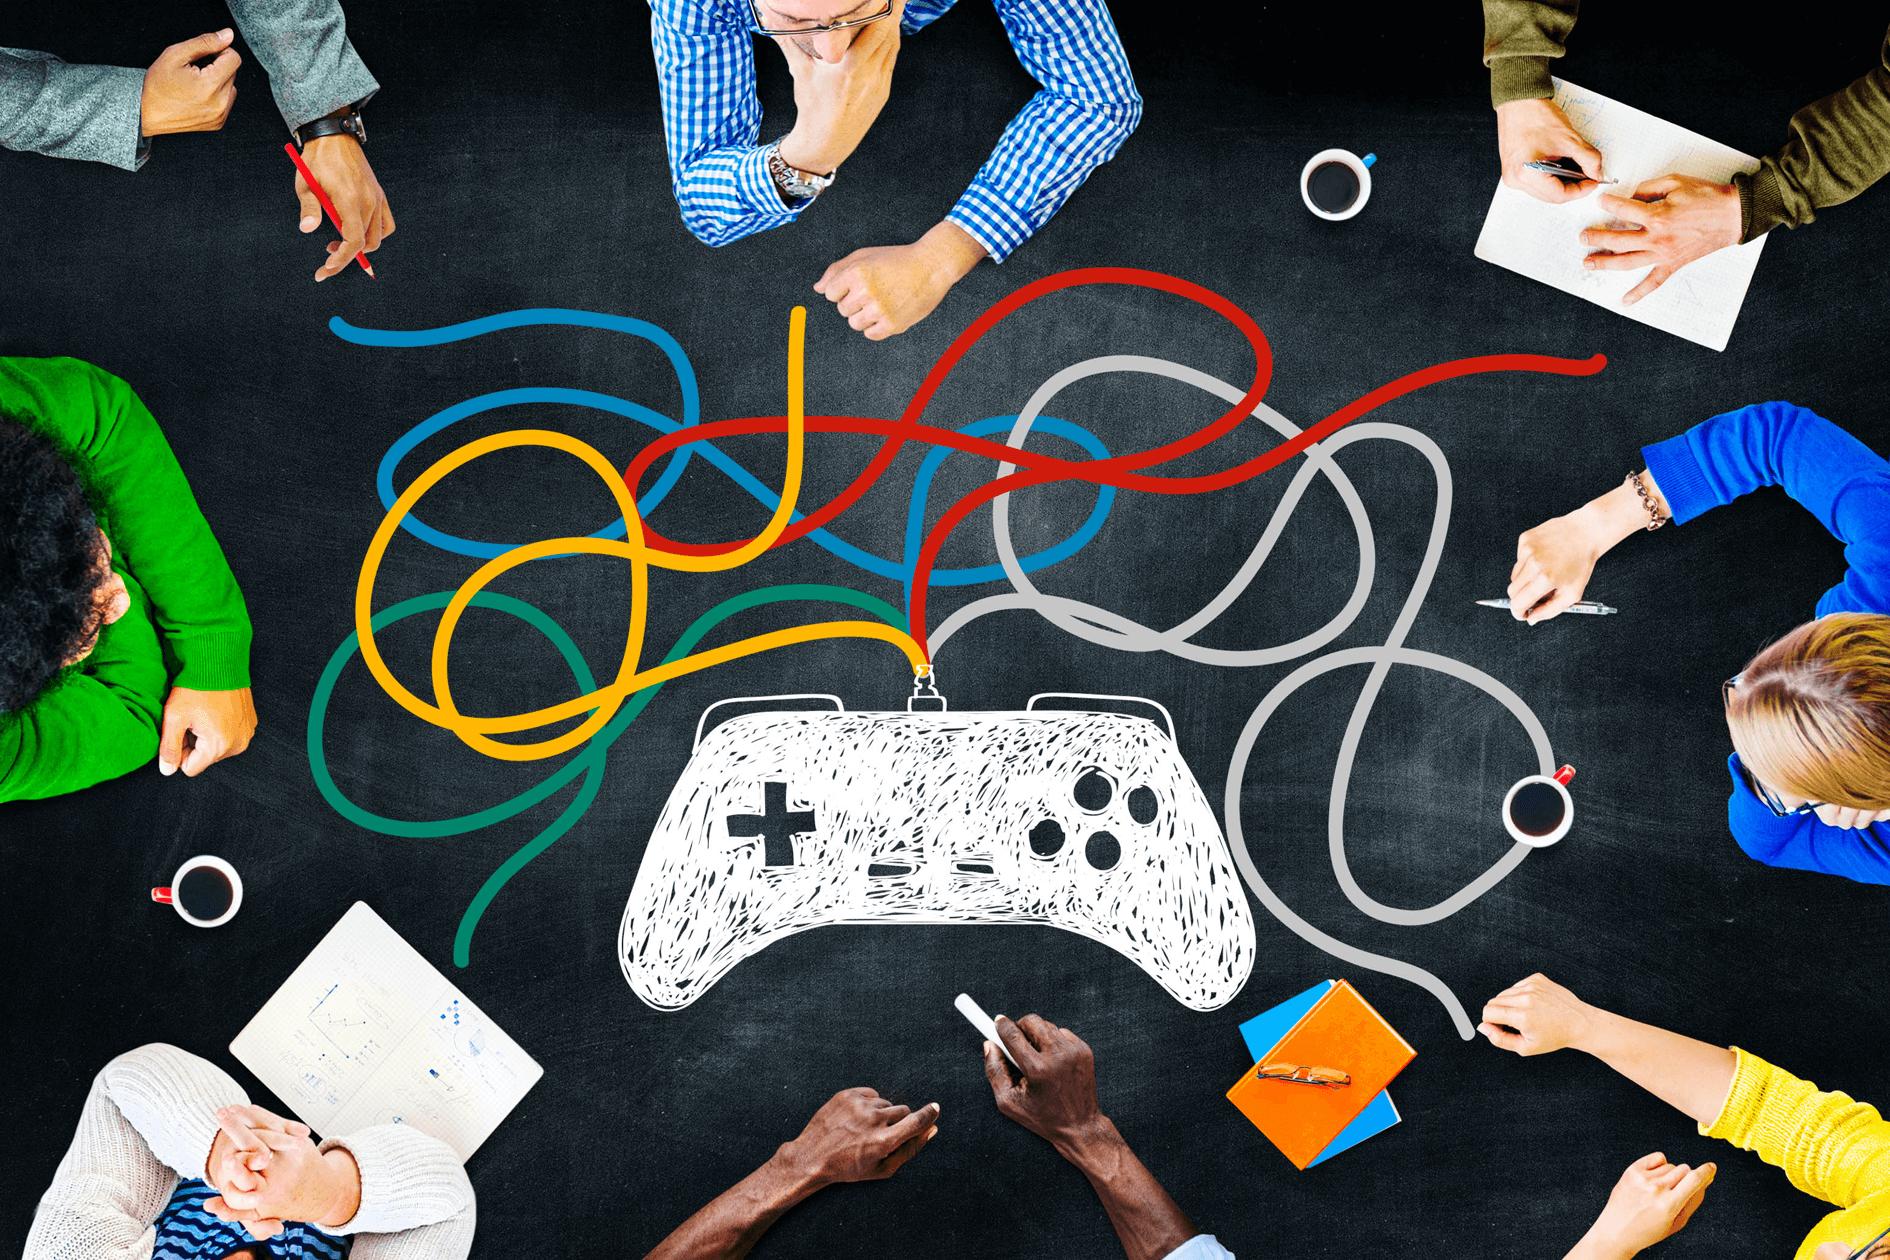 プログラミングをゲームで学べる無料サイト5選